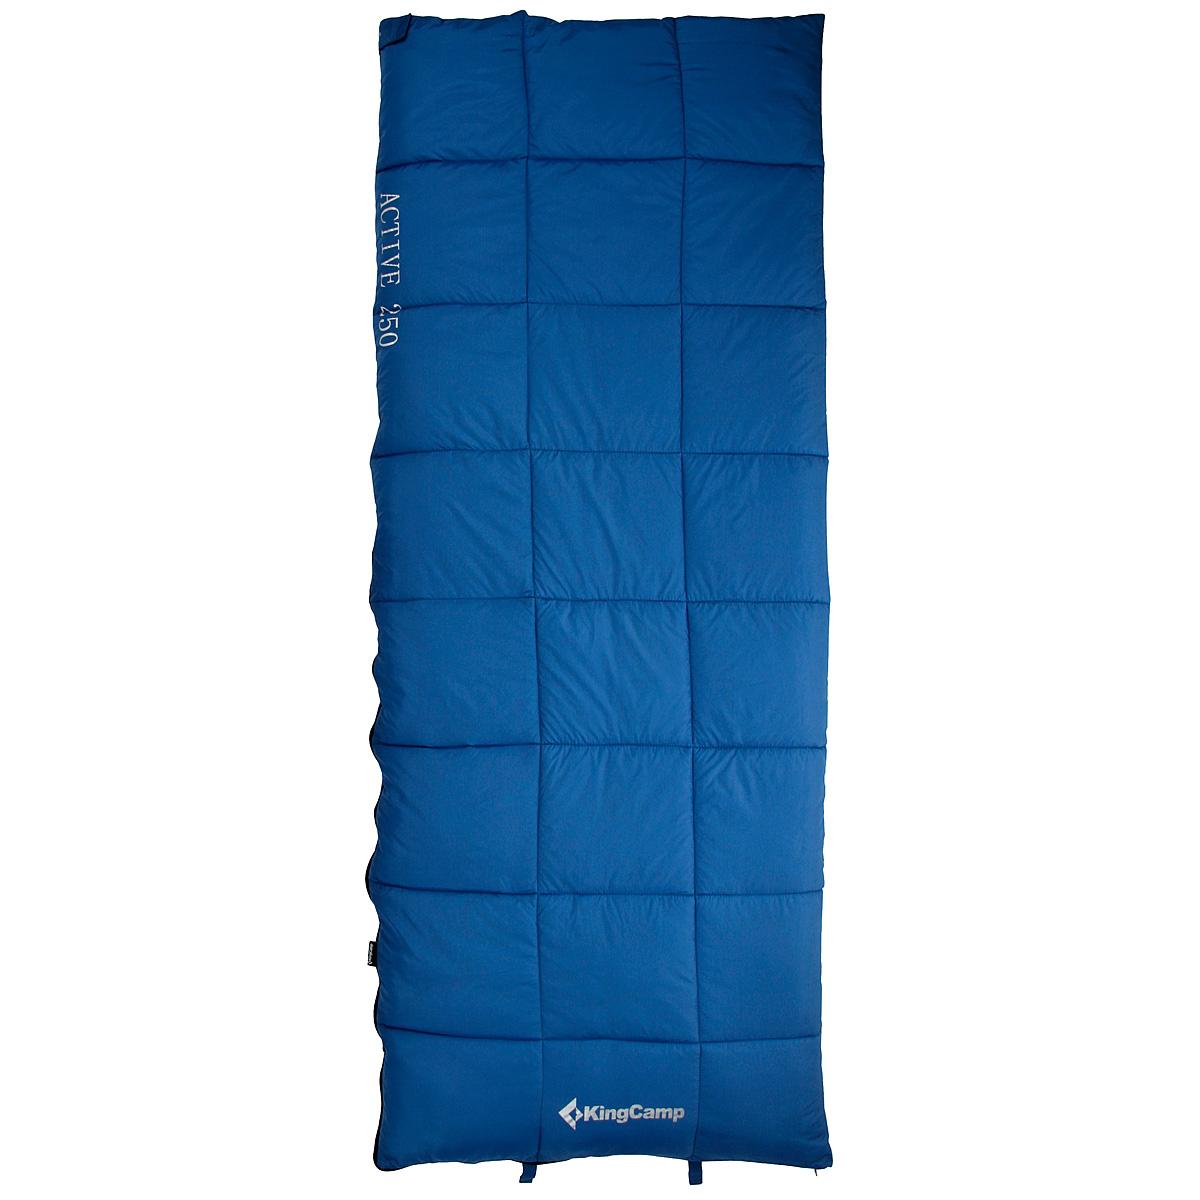 Спальный мешок-одеяло KingCamp ACTIVE 250, цвет: синий. ks3103УТ-000050401Комфортный спальник-одеяло имеет прямоугольную форму и одинаковую ширину как вверху, так и внизу, благодаря чему ноги чувствуют себя более свободно. Молния располагается на боковой стороне, благодаря чему при её расстёгивании спальник превращается в довольно большое одеяло. Характеристики: Размер спального мешка с учетом подголовника: 190 см х 75 см. Утеплитель: четырехканальное волокно Hollowfibre, 250 г/м2. Внешний материал: полиэстер 210Т RipStop W/P. Внутренний материал: 100% хлопок. Экстремальная температура: -5°C. Температура комфорта: 6°C...12°С. Вес: 1,45 кг. Изготовитель: Китай. Размер в сложенном виде: 35 см х 22 см х 22 см. Артикул: KS3103.